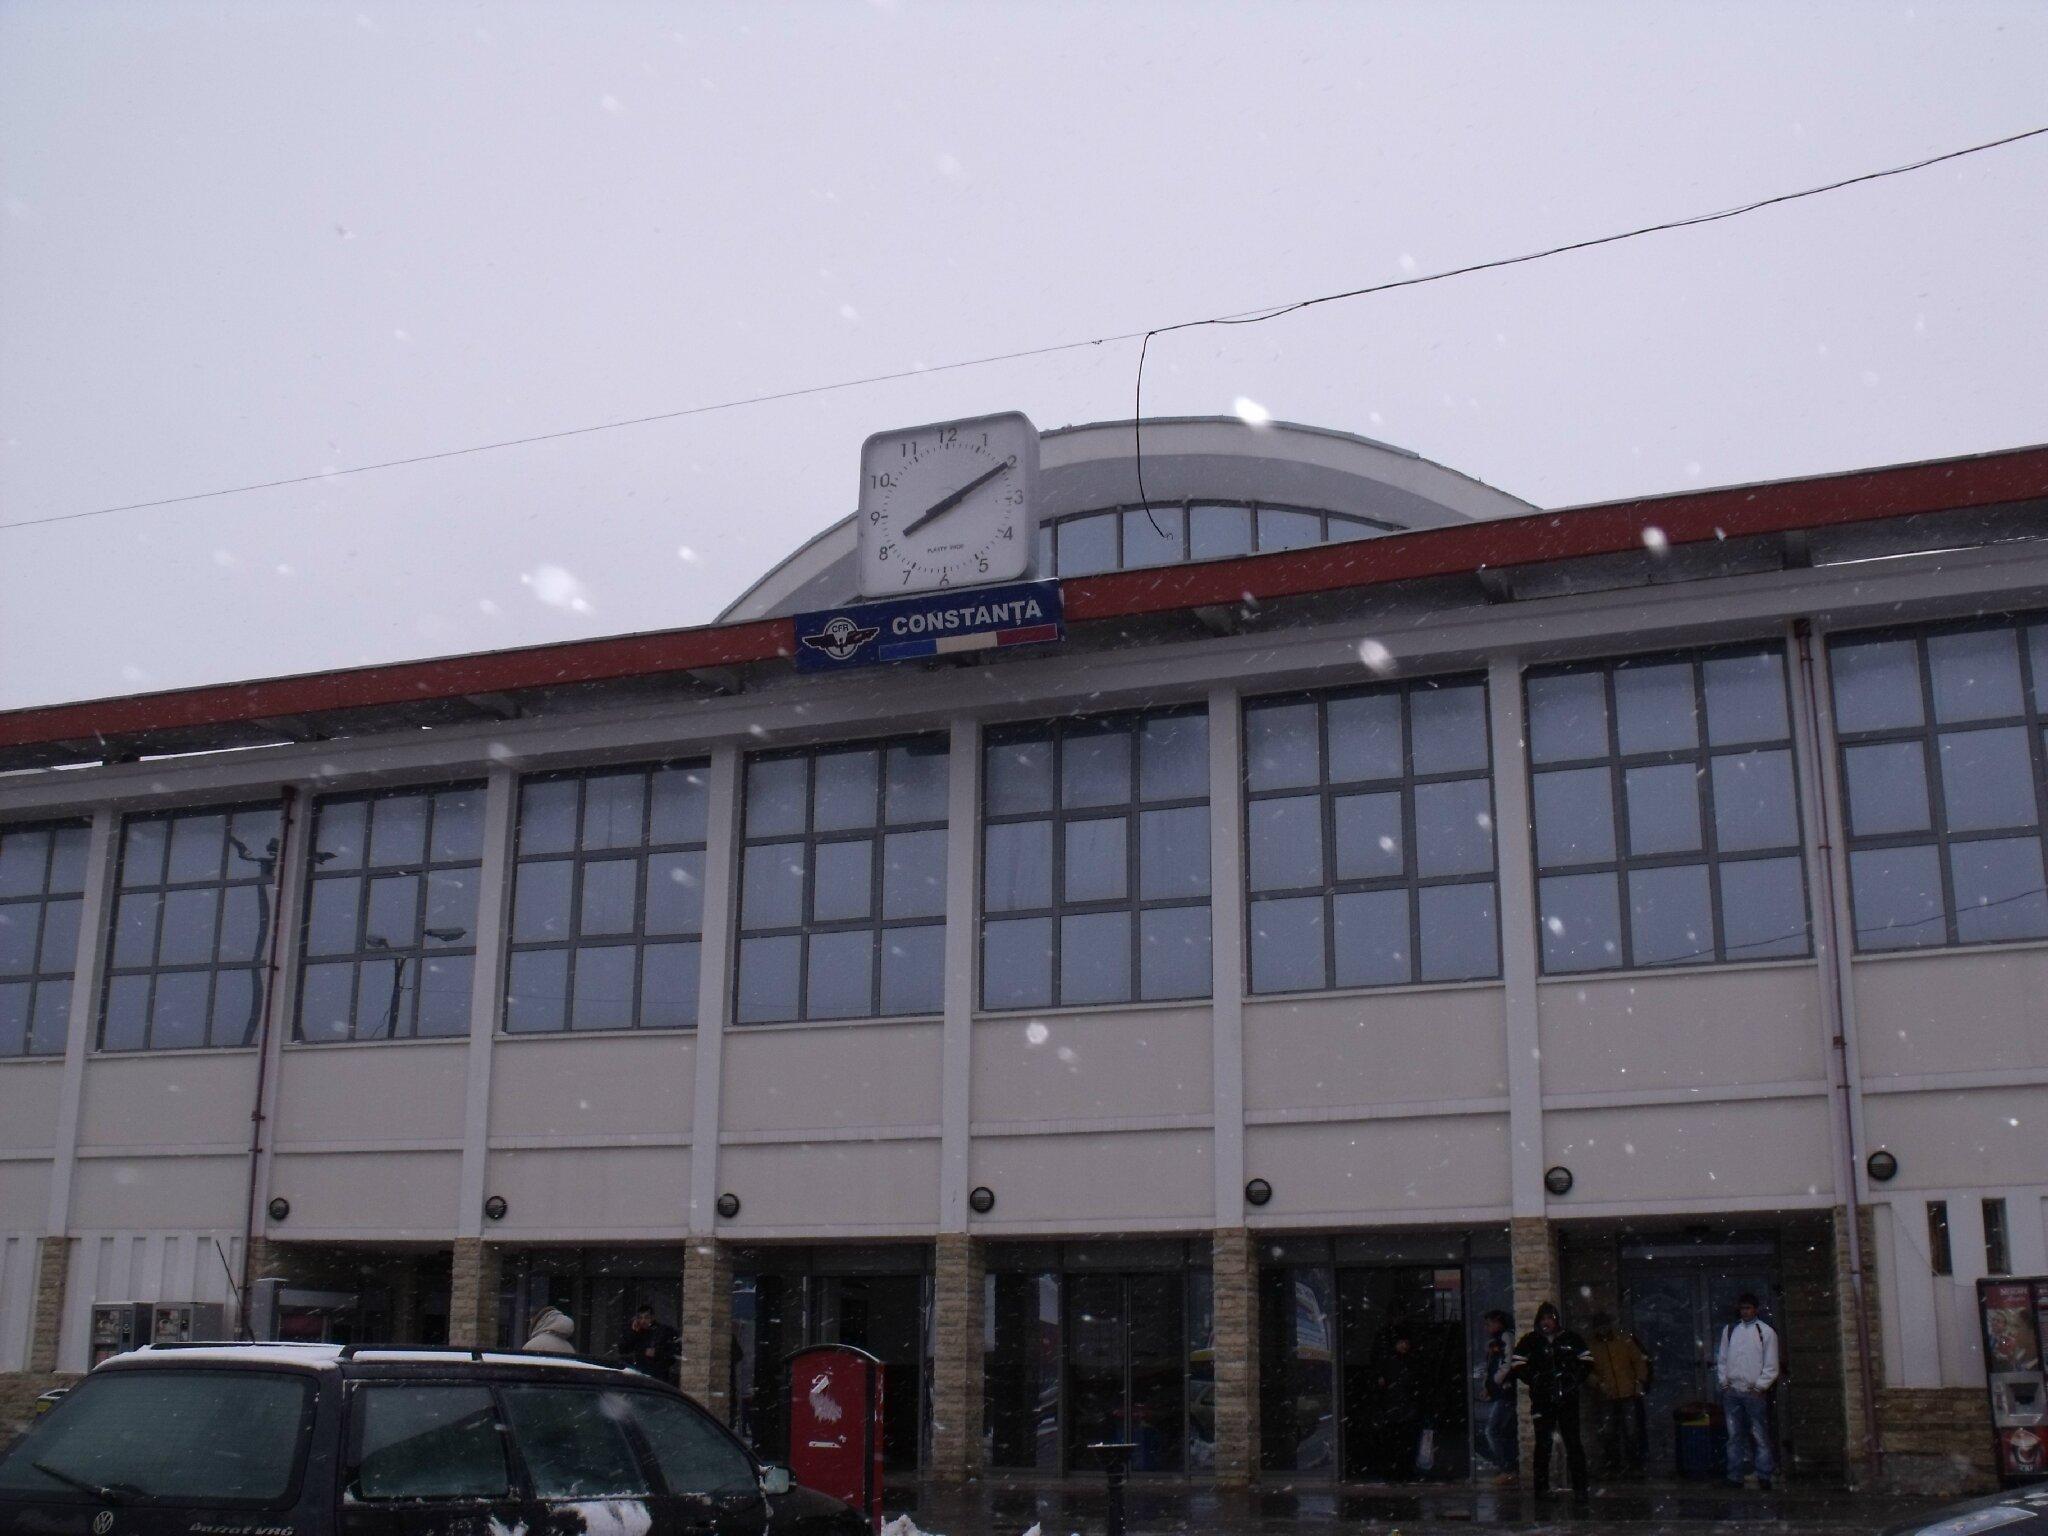 Constanta (Roumanie) BV